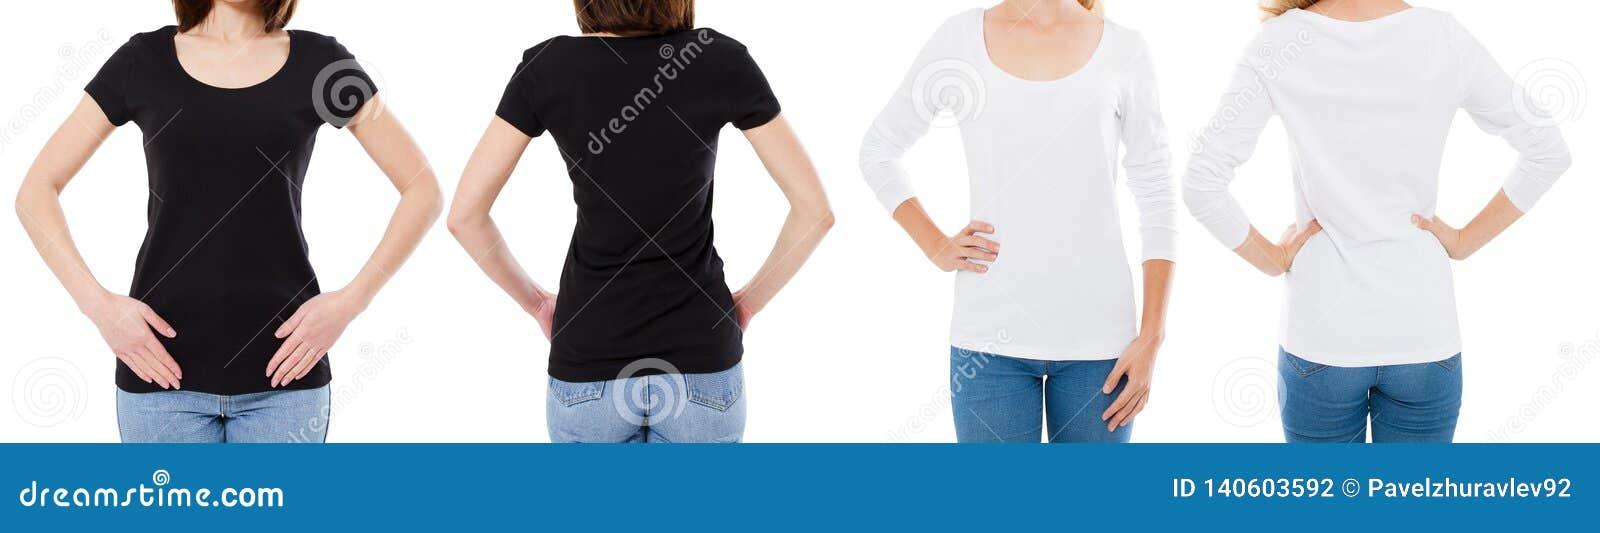 Η γυναίκα στην άσπρη και μαύρη μπλούζα απομόνωσε μπροστινό και πίσω μέρος καλλιεργημένες τις απόψεις επιλογές μπλουζών εικόνας κε